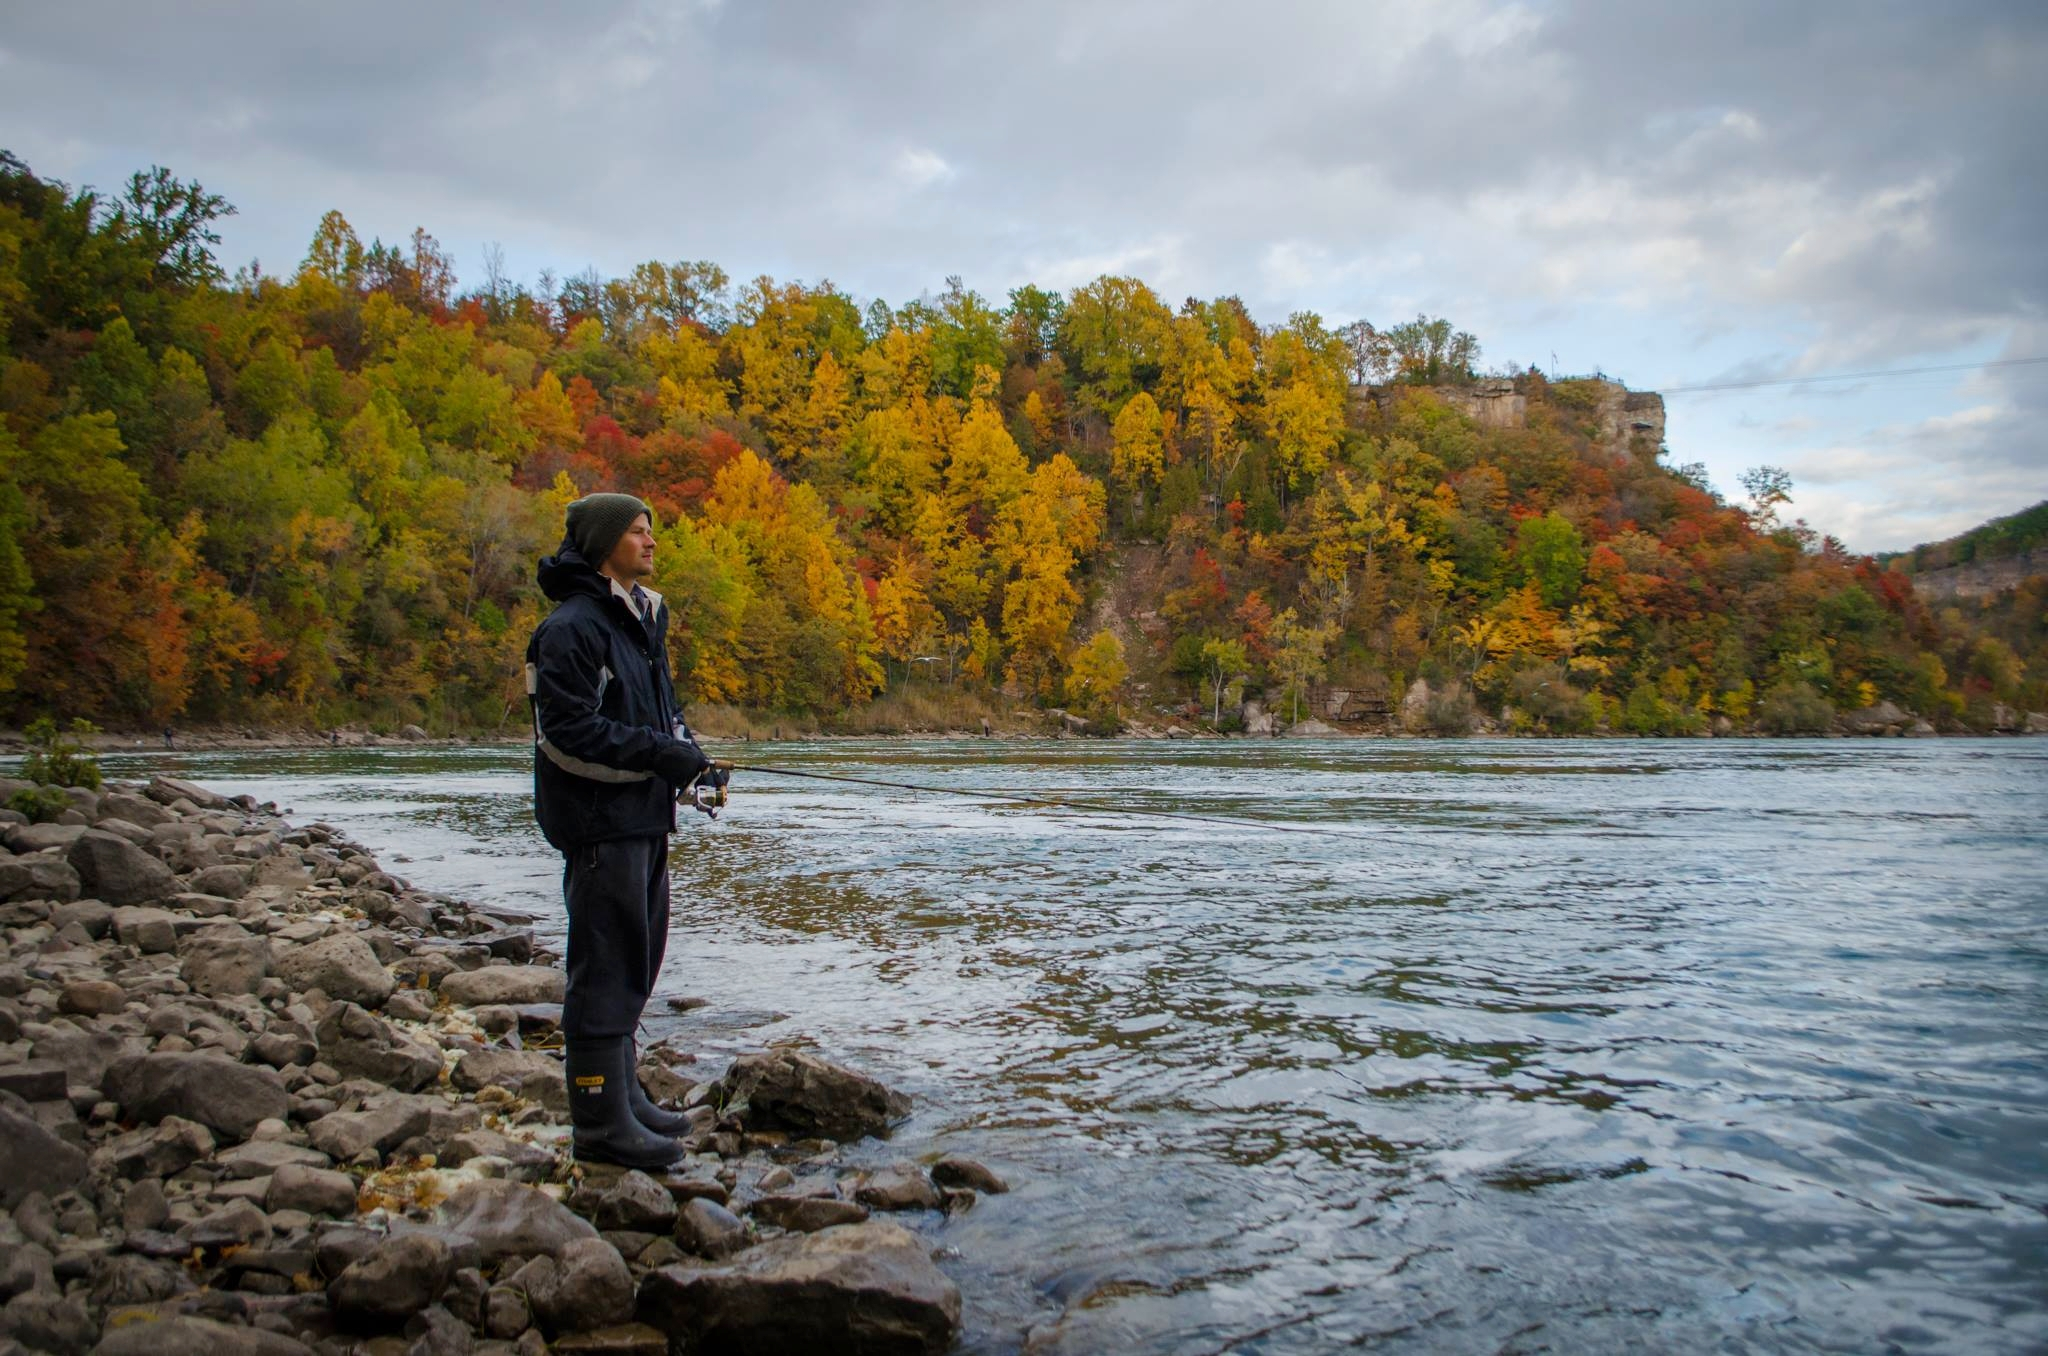 Brendan fishing at the whirlpool in Niagara Falls, 2015.